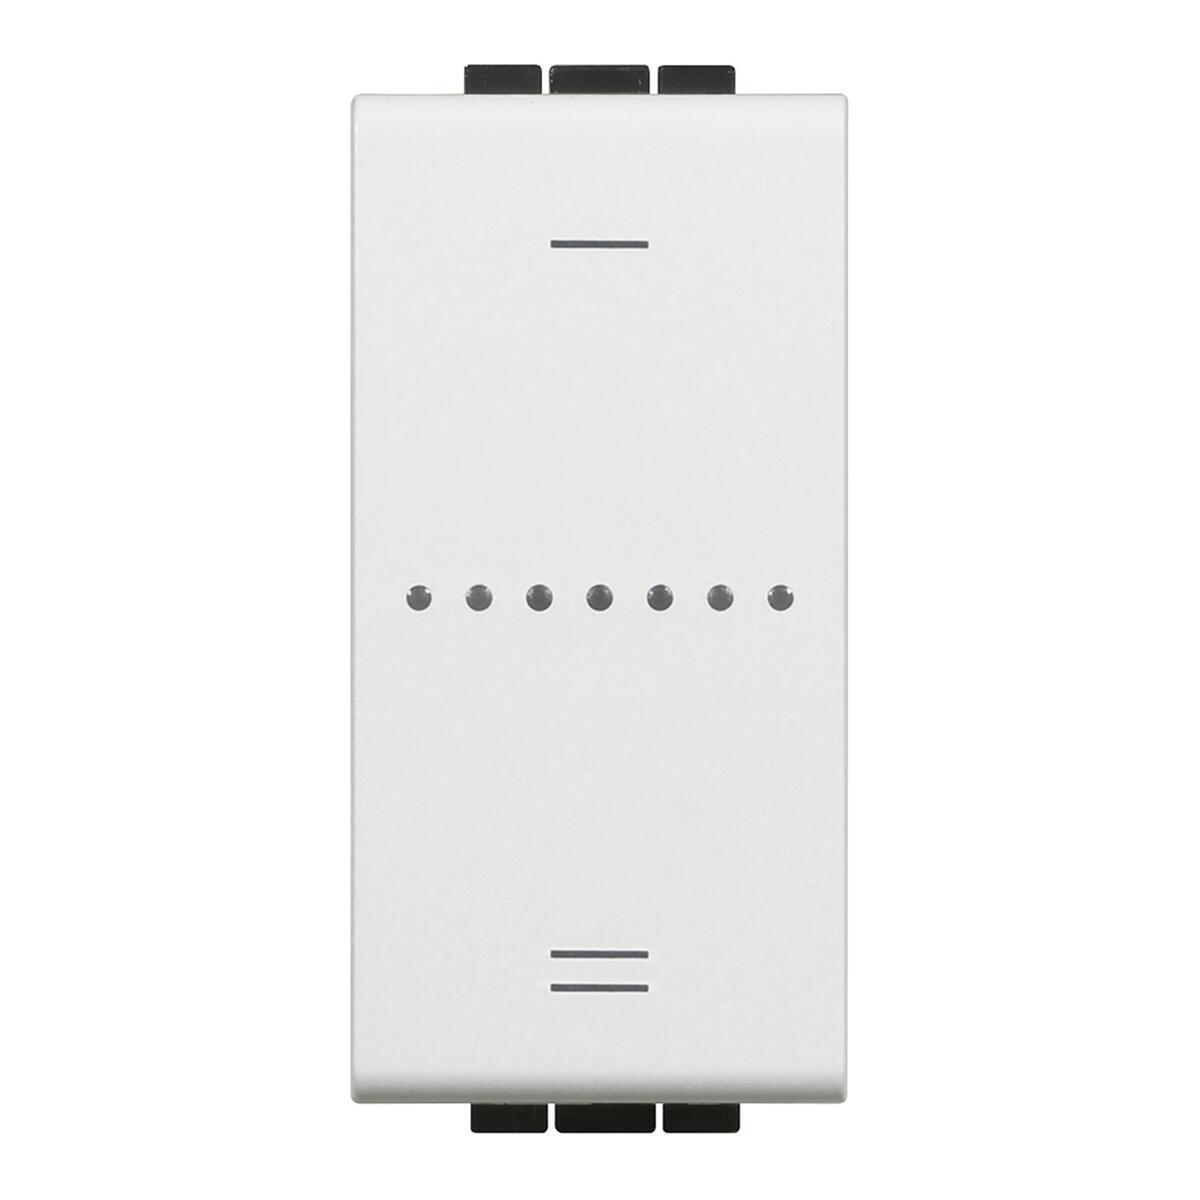 Interruttore Livinglight smart BTICINO bianco